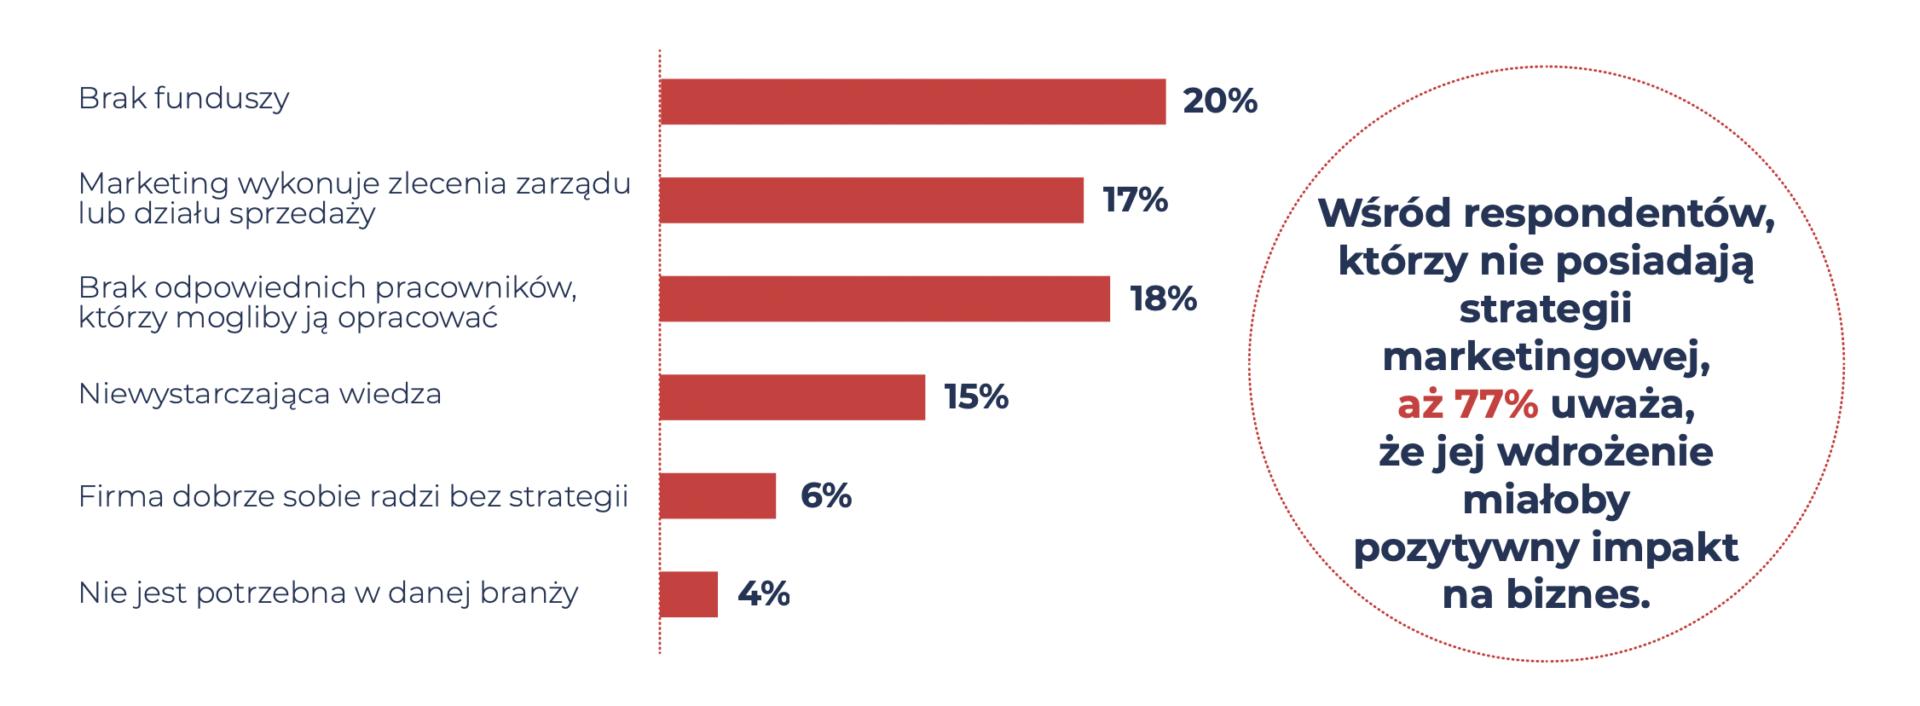 Raport: Wpływ strategii marketingowej na biznes